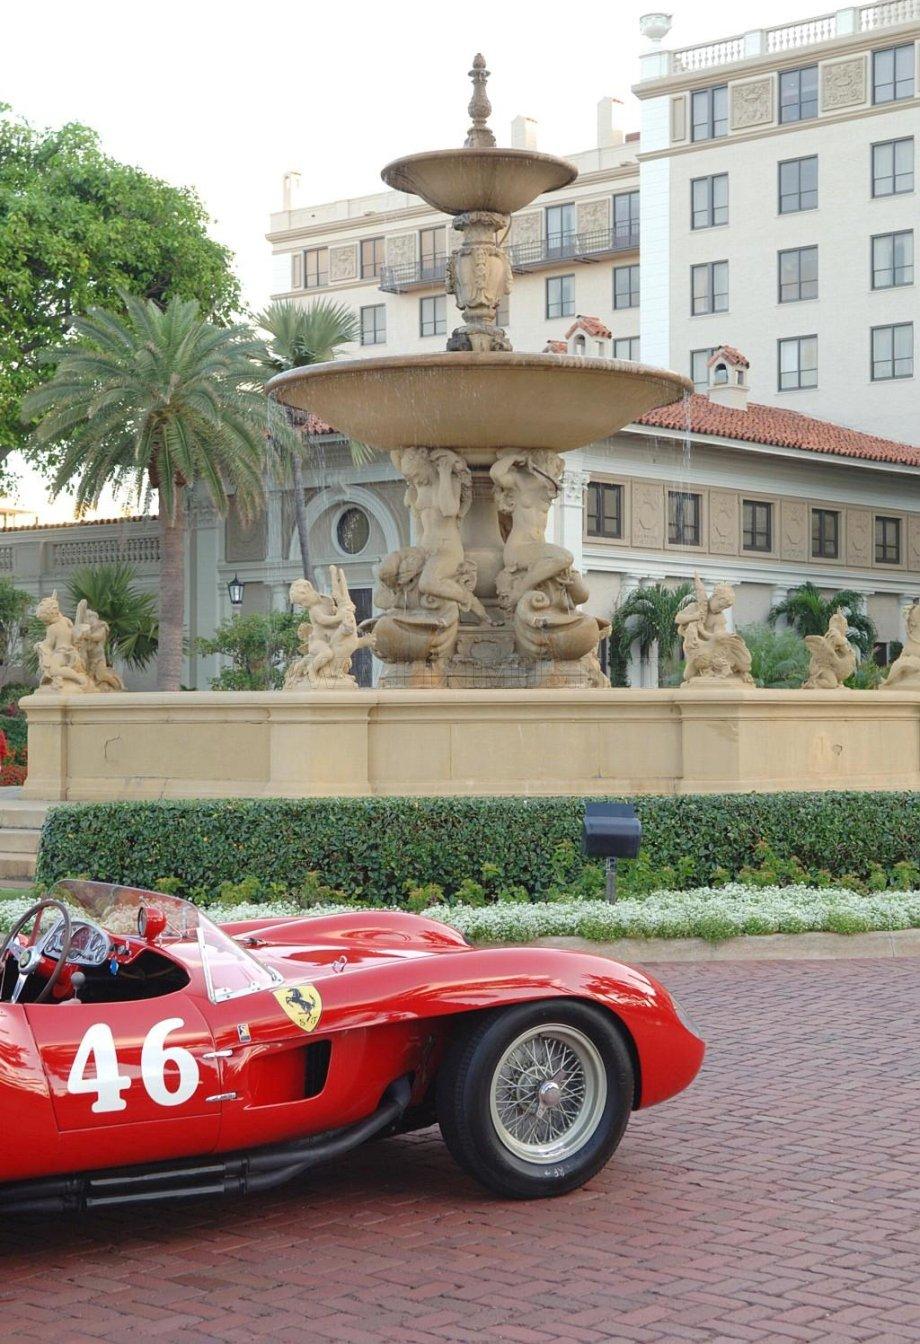 Ferrari 250 Testa Rossa for 16.39 million